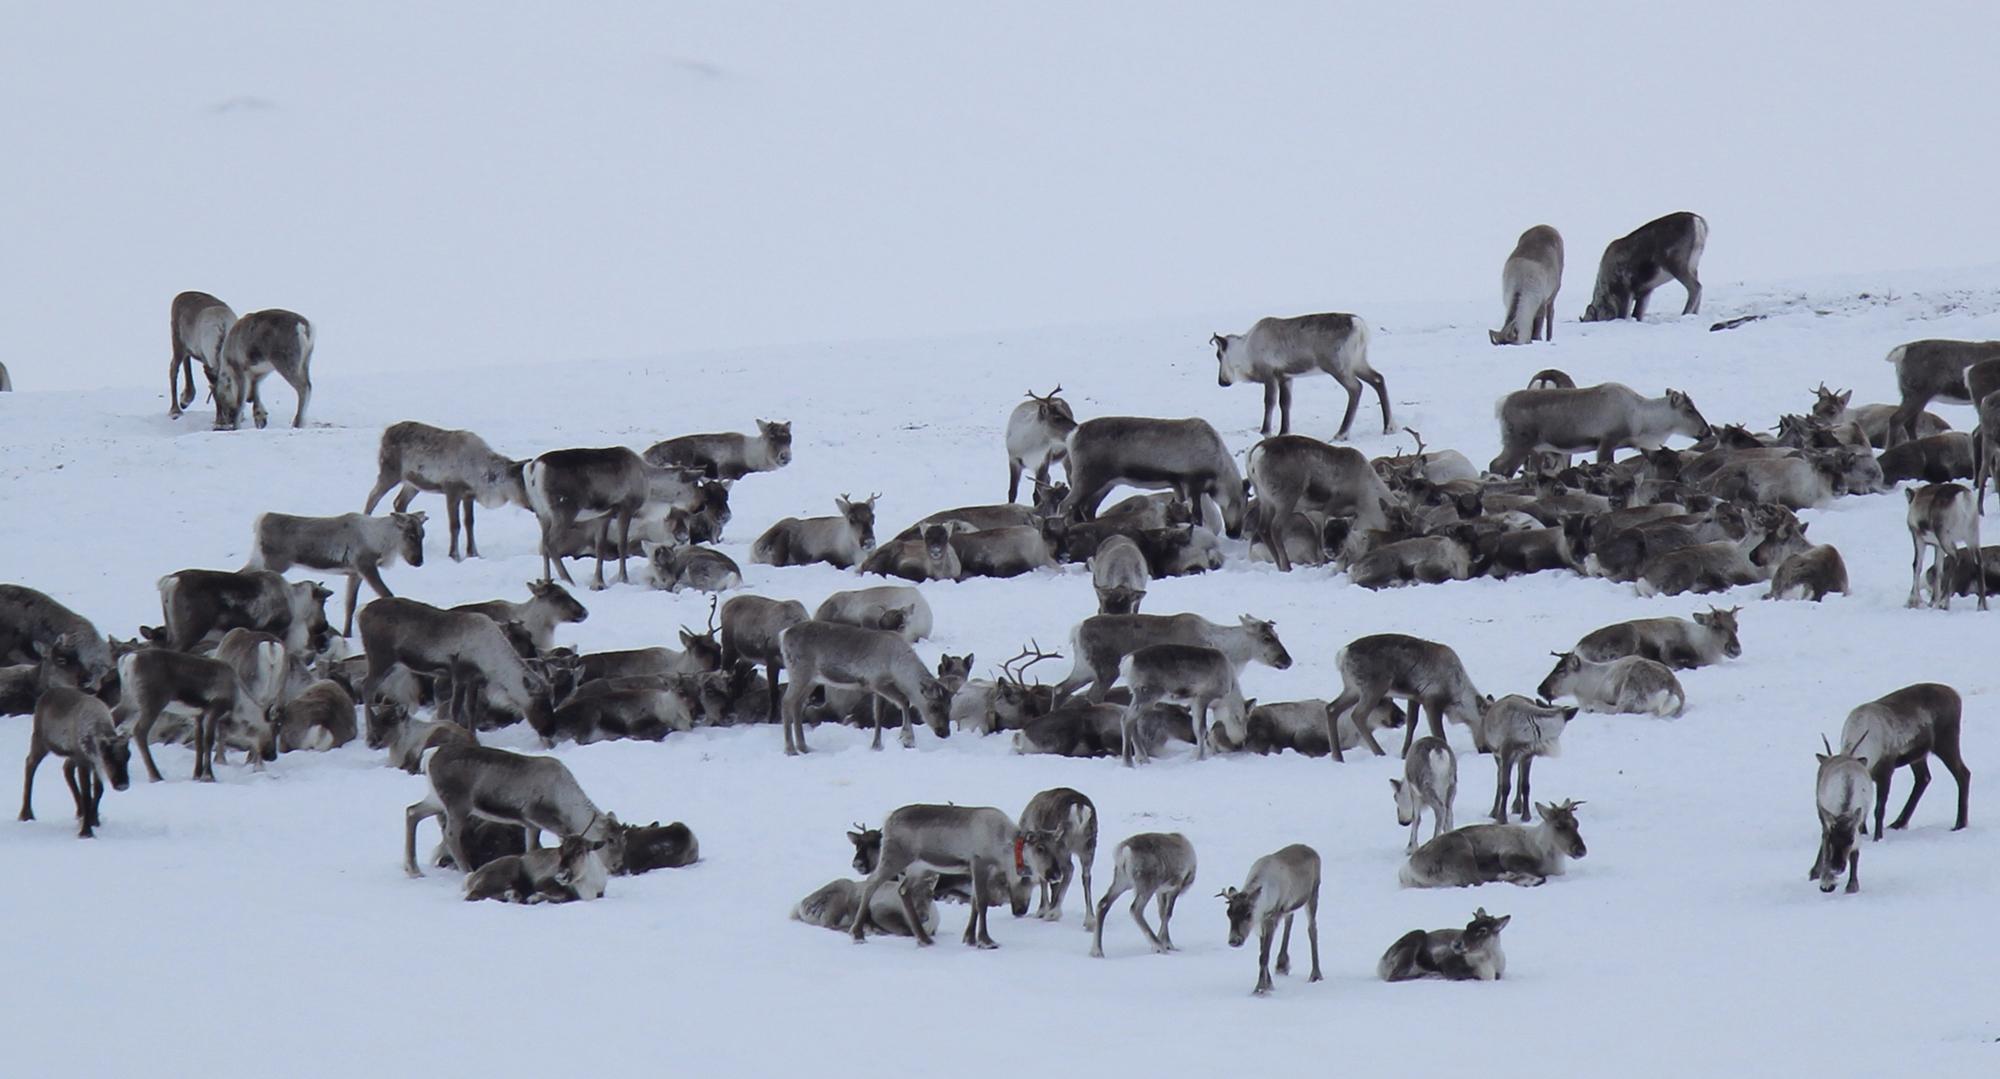 Inntil 30 GPS-merkede dyr kan felles i 2017. Foto: Anders Mossing